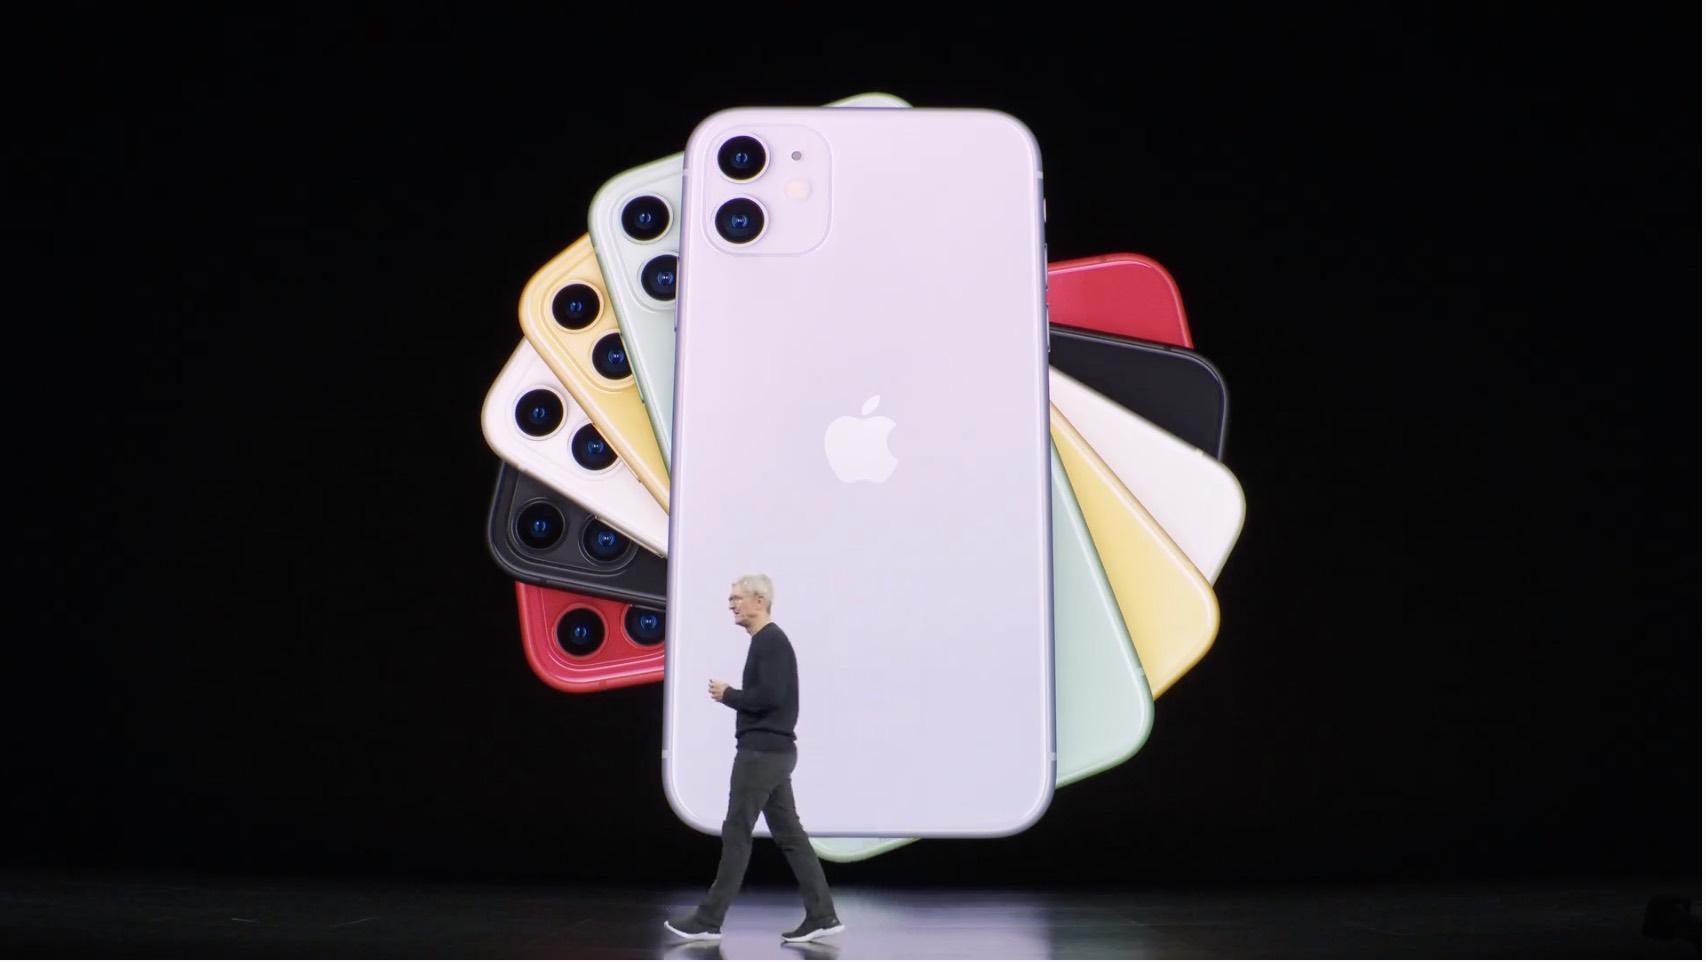 """Không thể tin được: Cuối cùng iPhone 11 đã chính thức """"giảm giá"""" rồi!"""